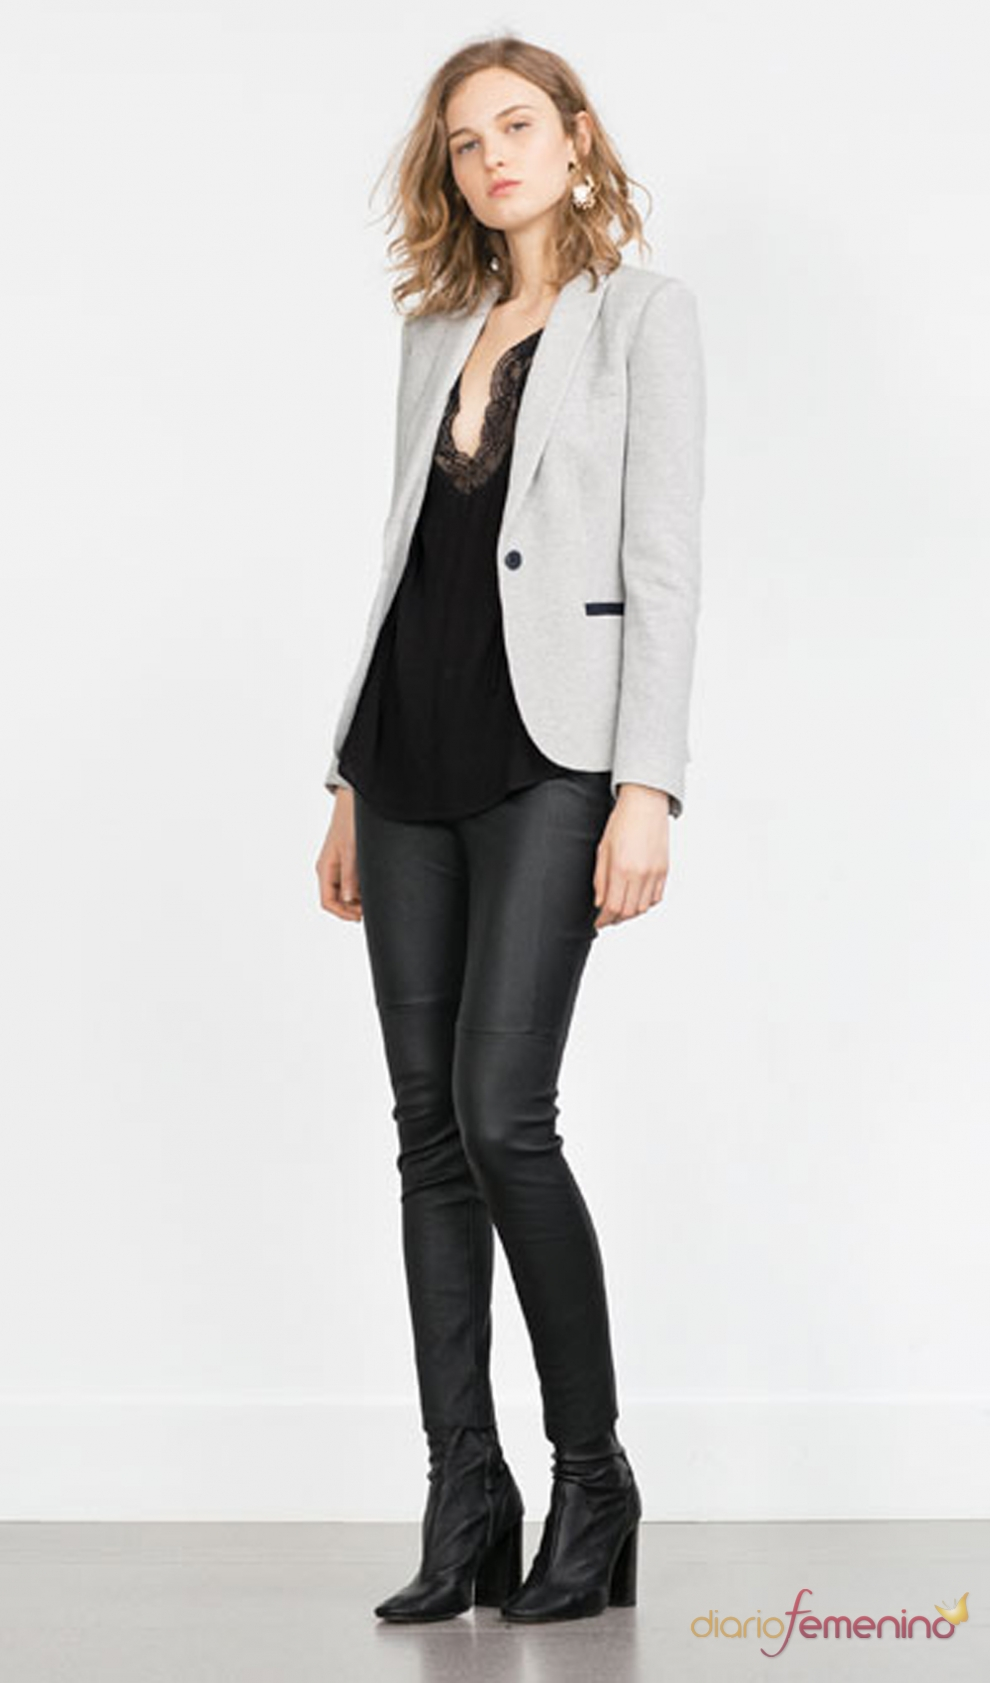 Zara 2016 Un Look Para Ir A La Oficina Con Blazer Y Pantal N De Cuero